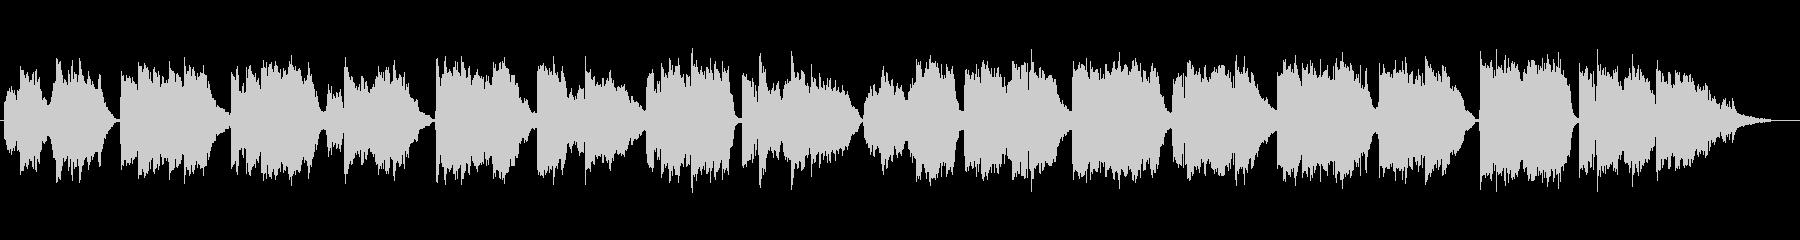 童謡「朧月夜」の篠笛生演奏の未再生の波形